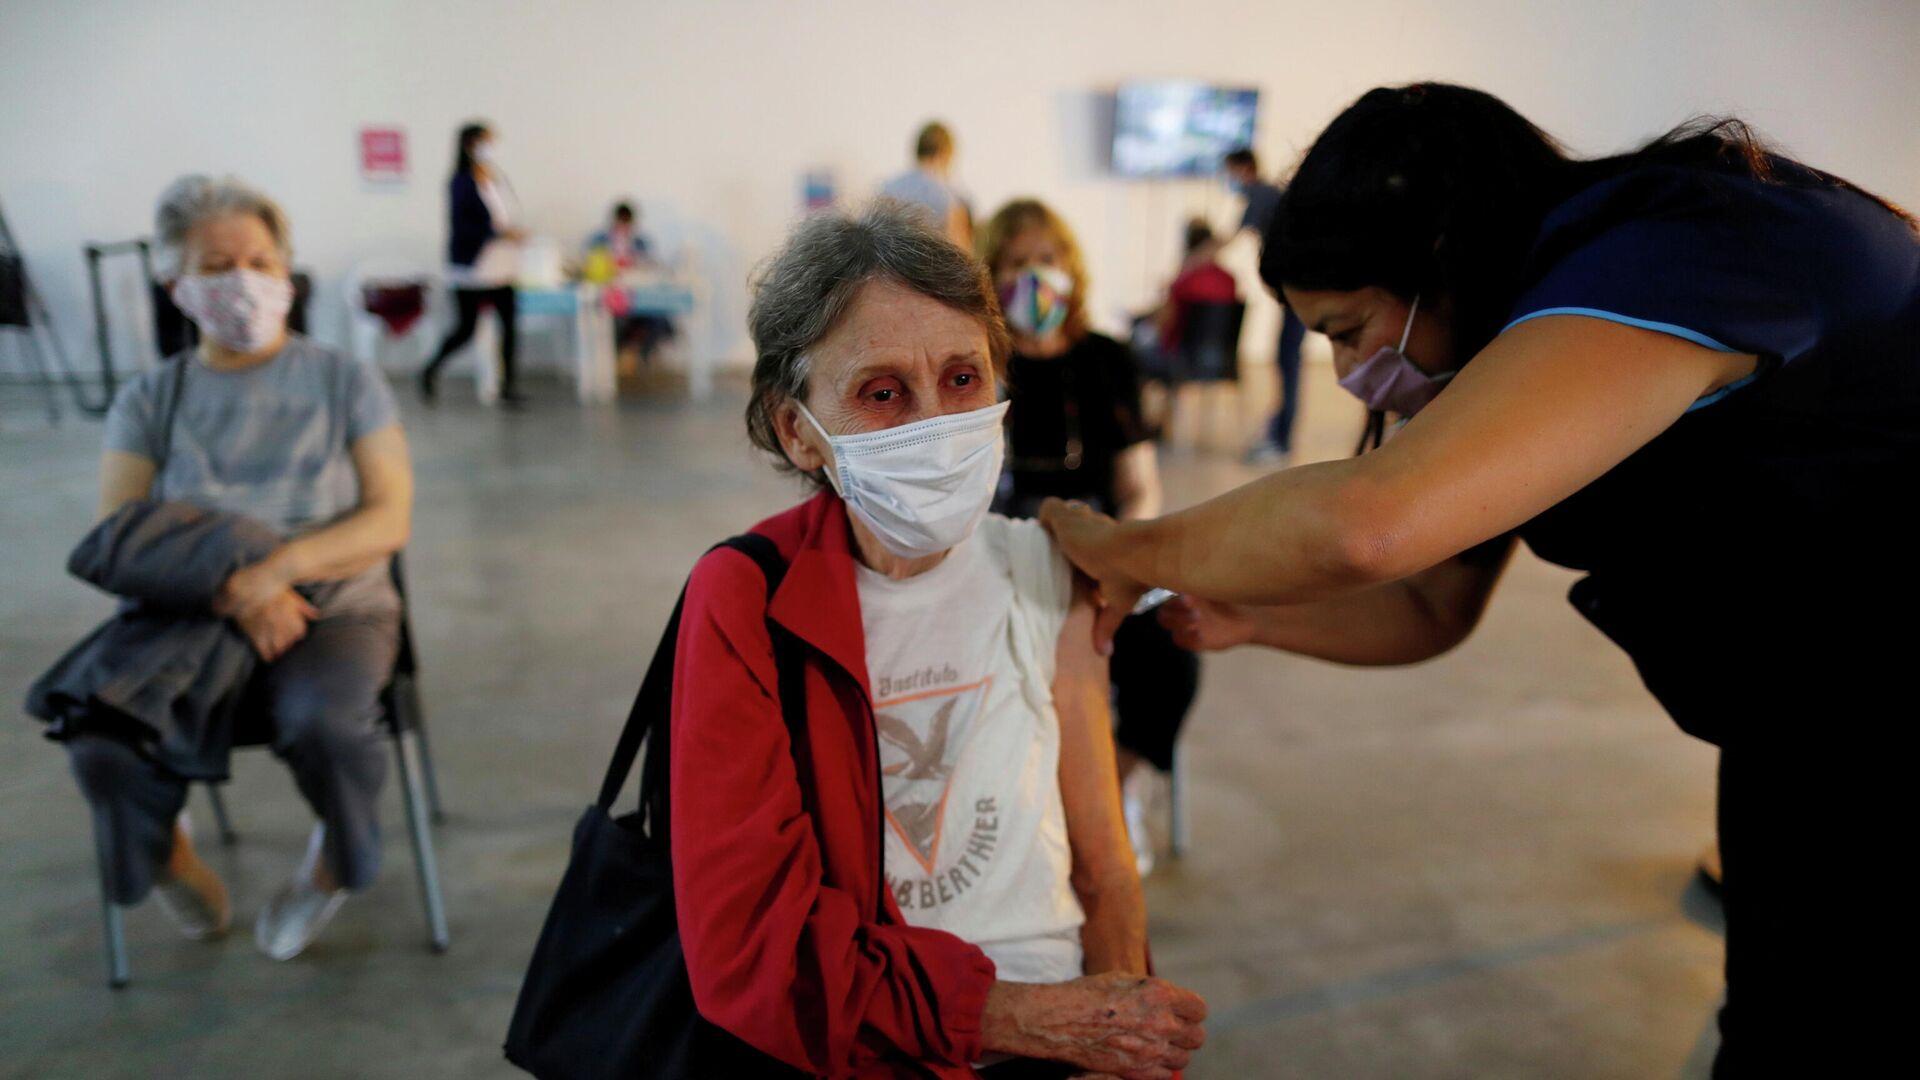 Vacunación contra el coronavirus en Argentina - Sputnik Mundo, 1920, 22.07.2021